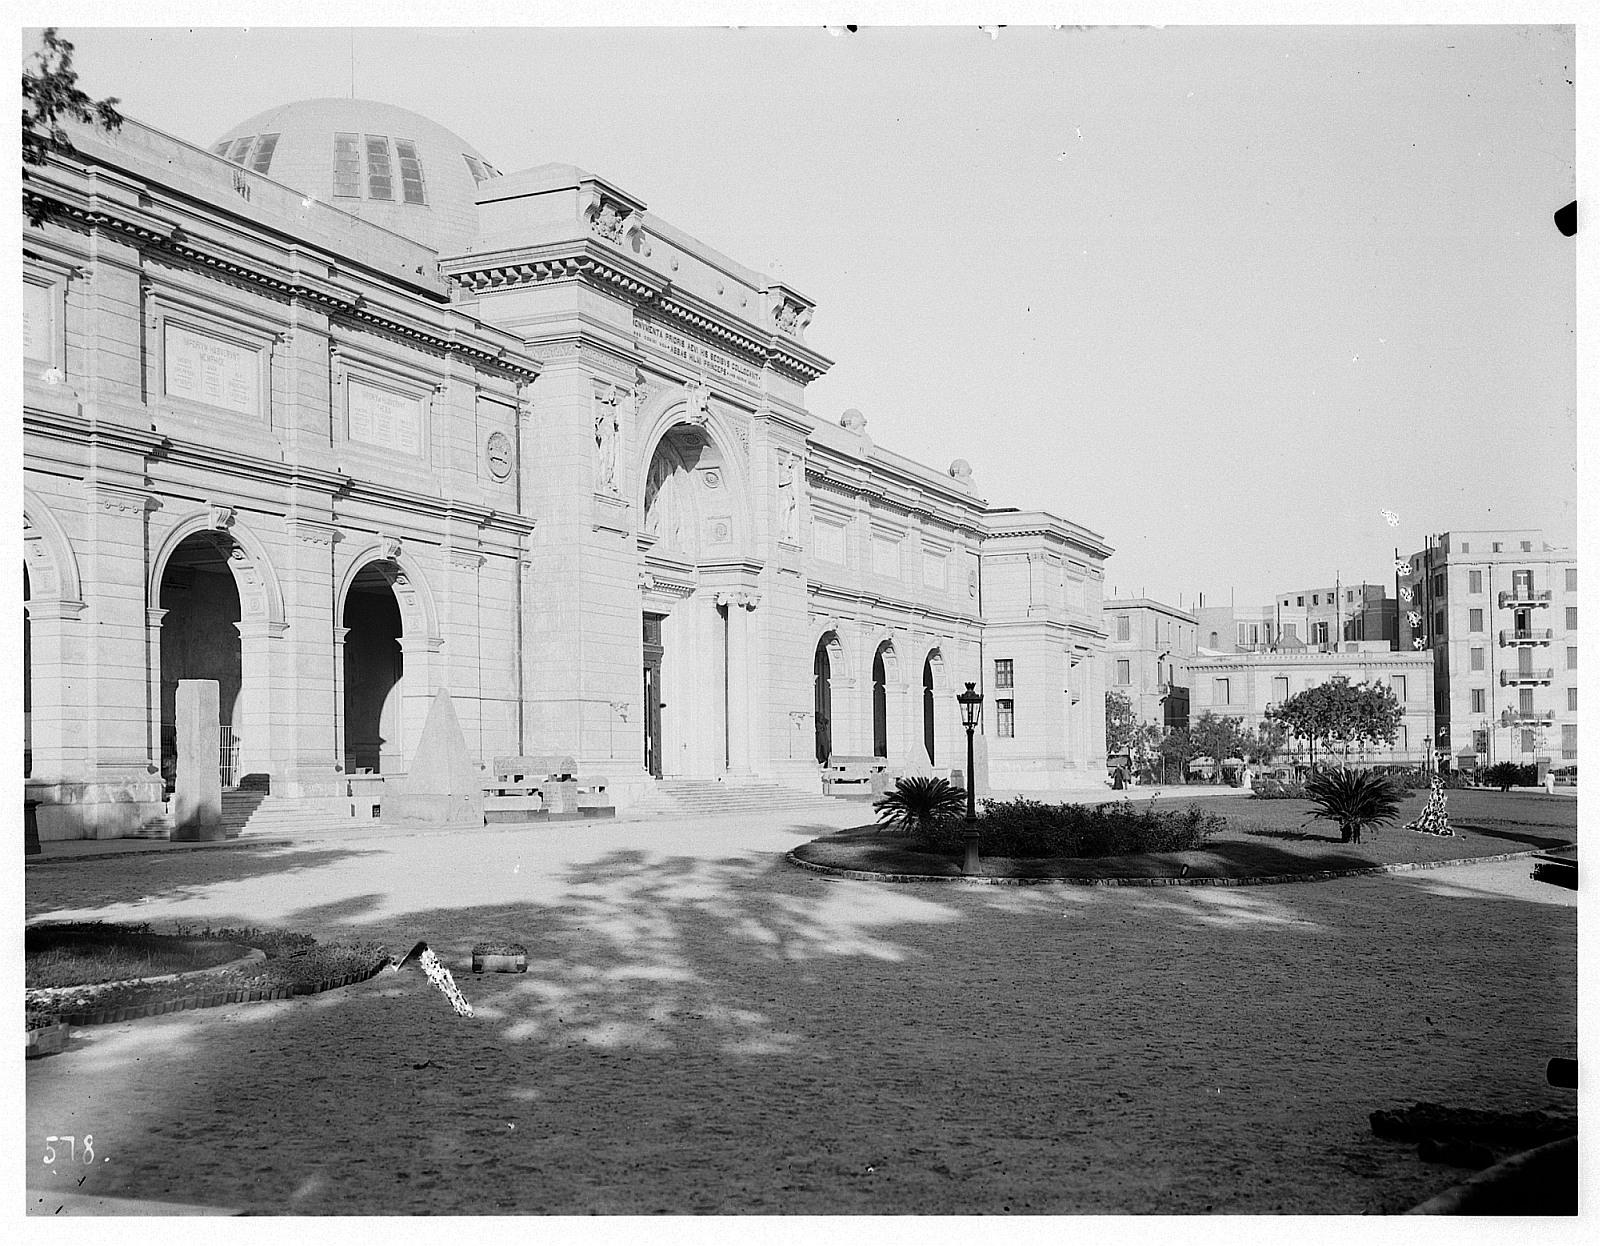 Каир. Египетский музей. Основан в 1859 году Огюстом Мариеттом